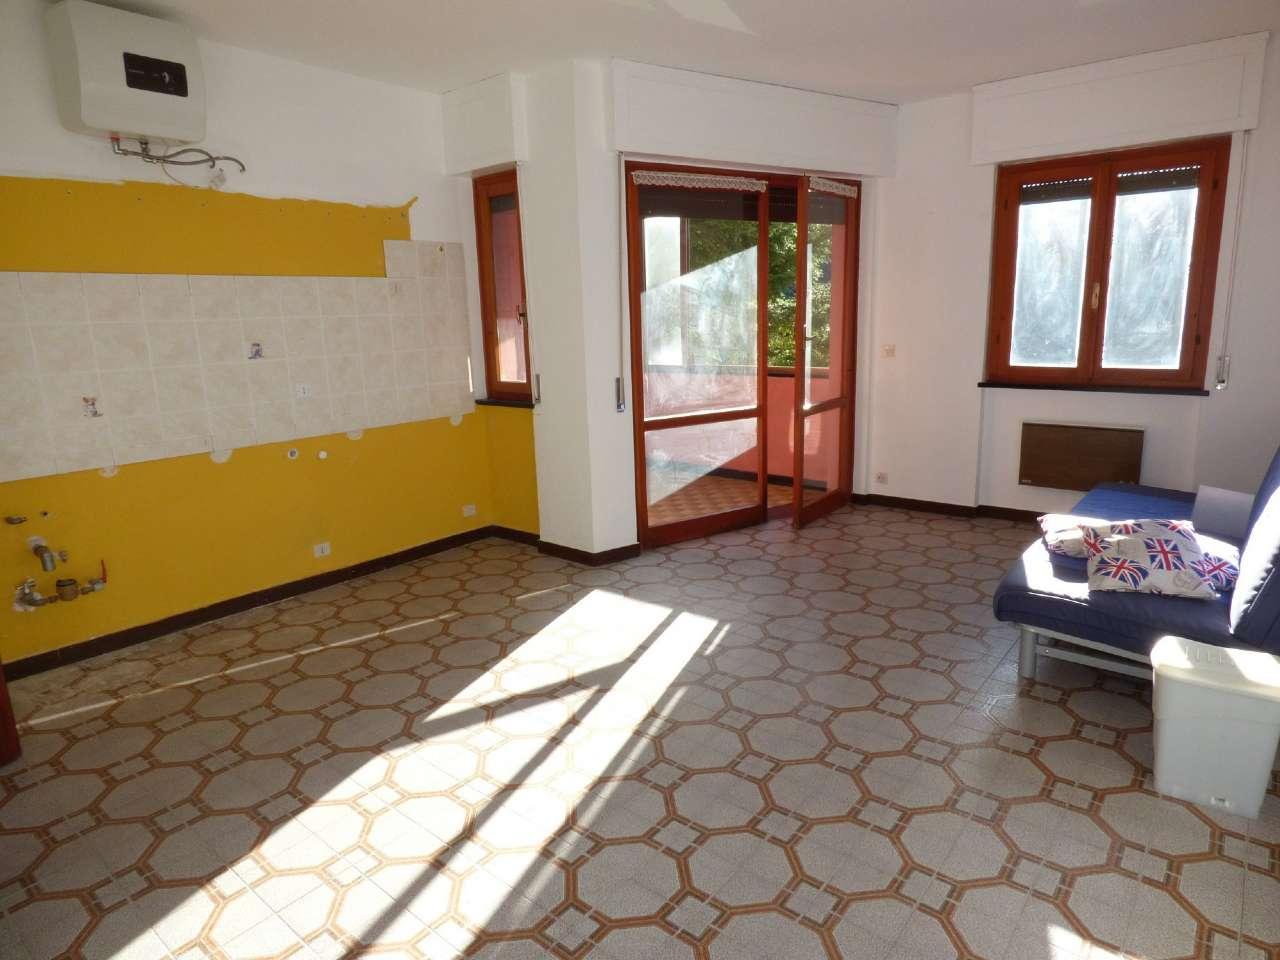 Appartamento in vendita a Moconesi, 3 locali, prezzo € 35.000 | CambioCasa.it